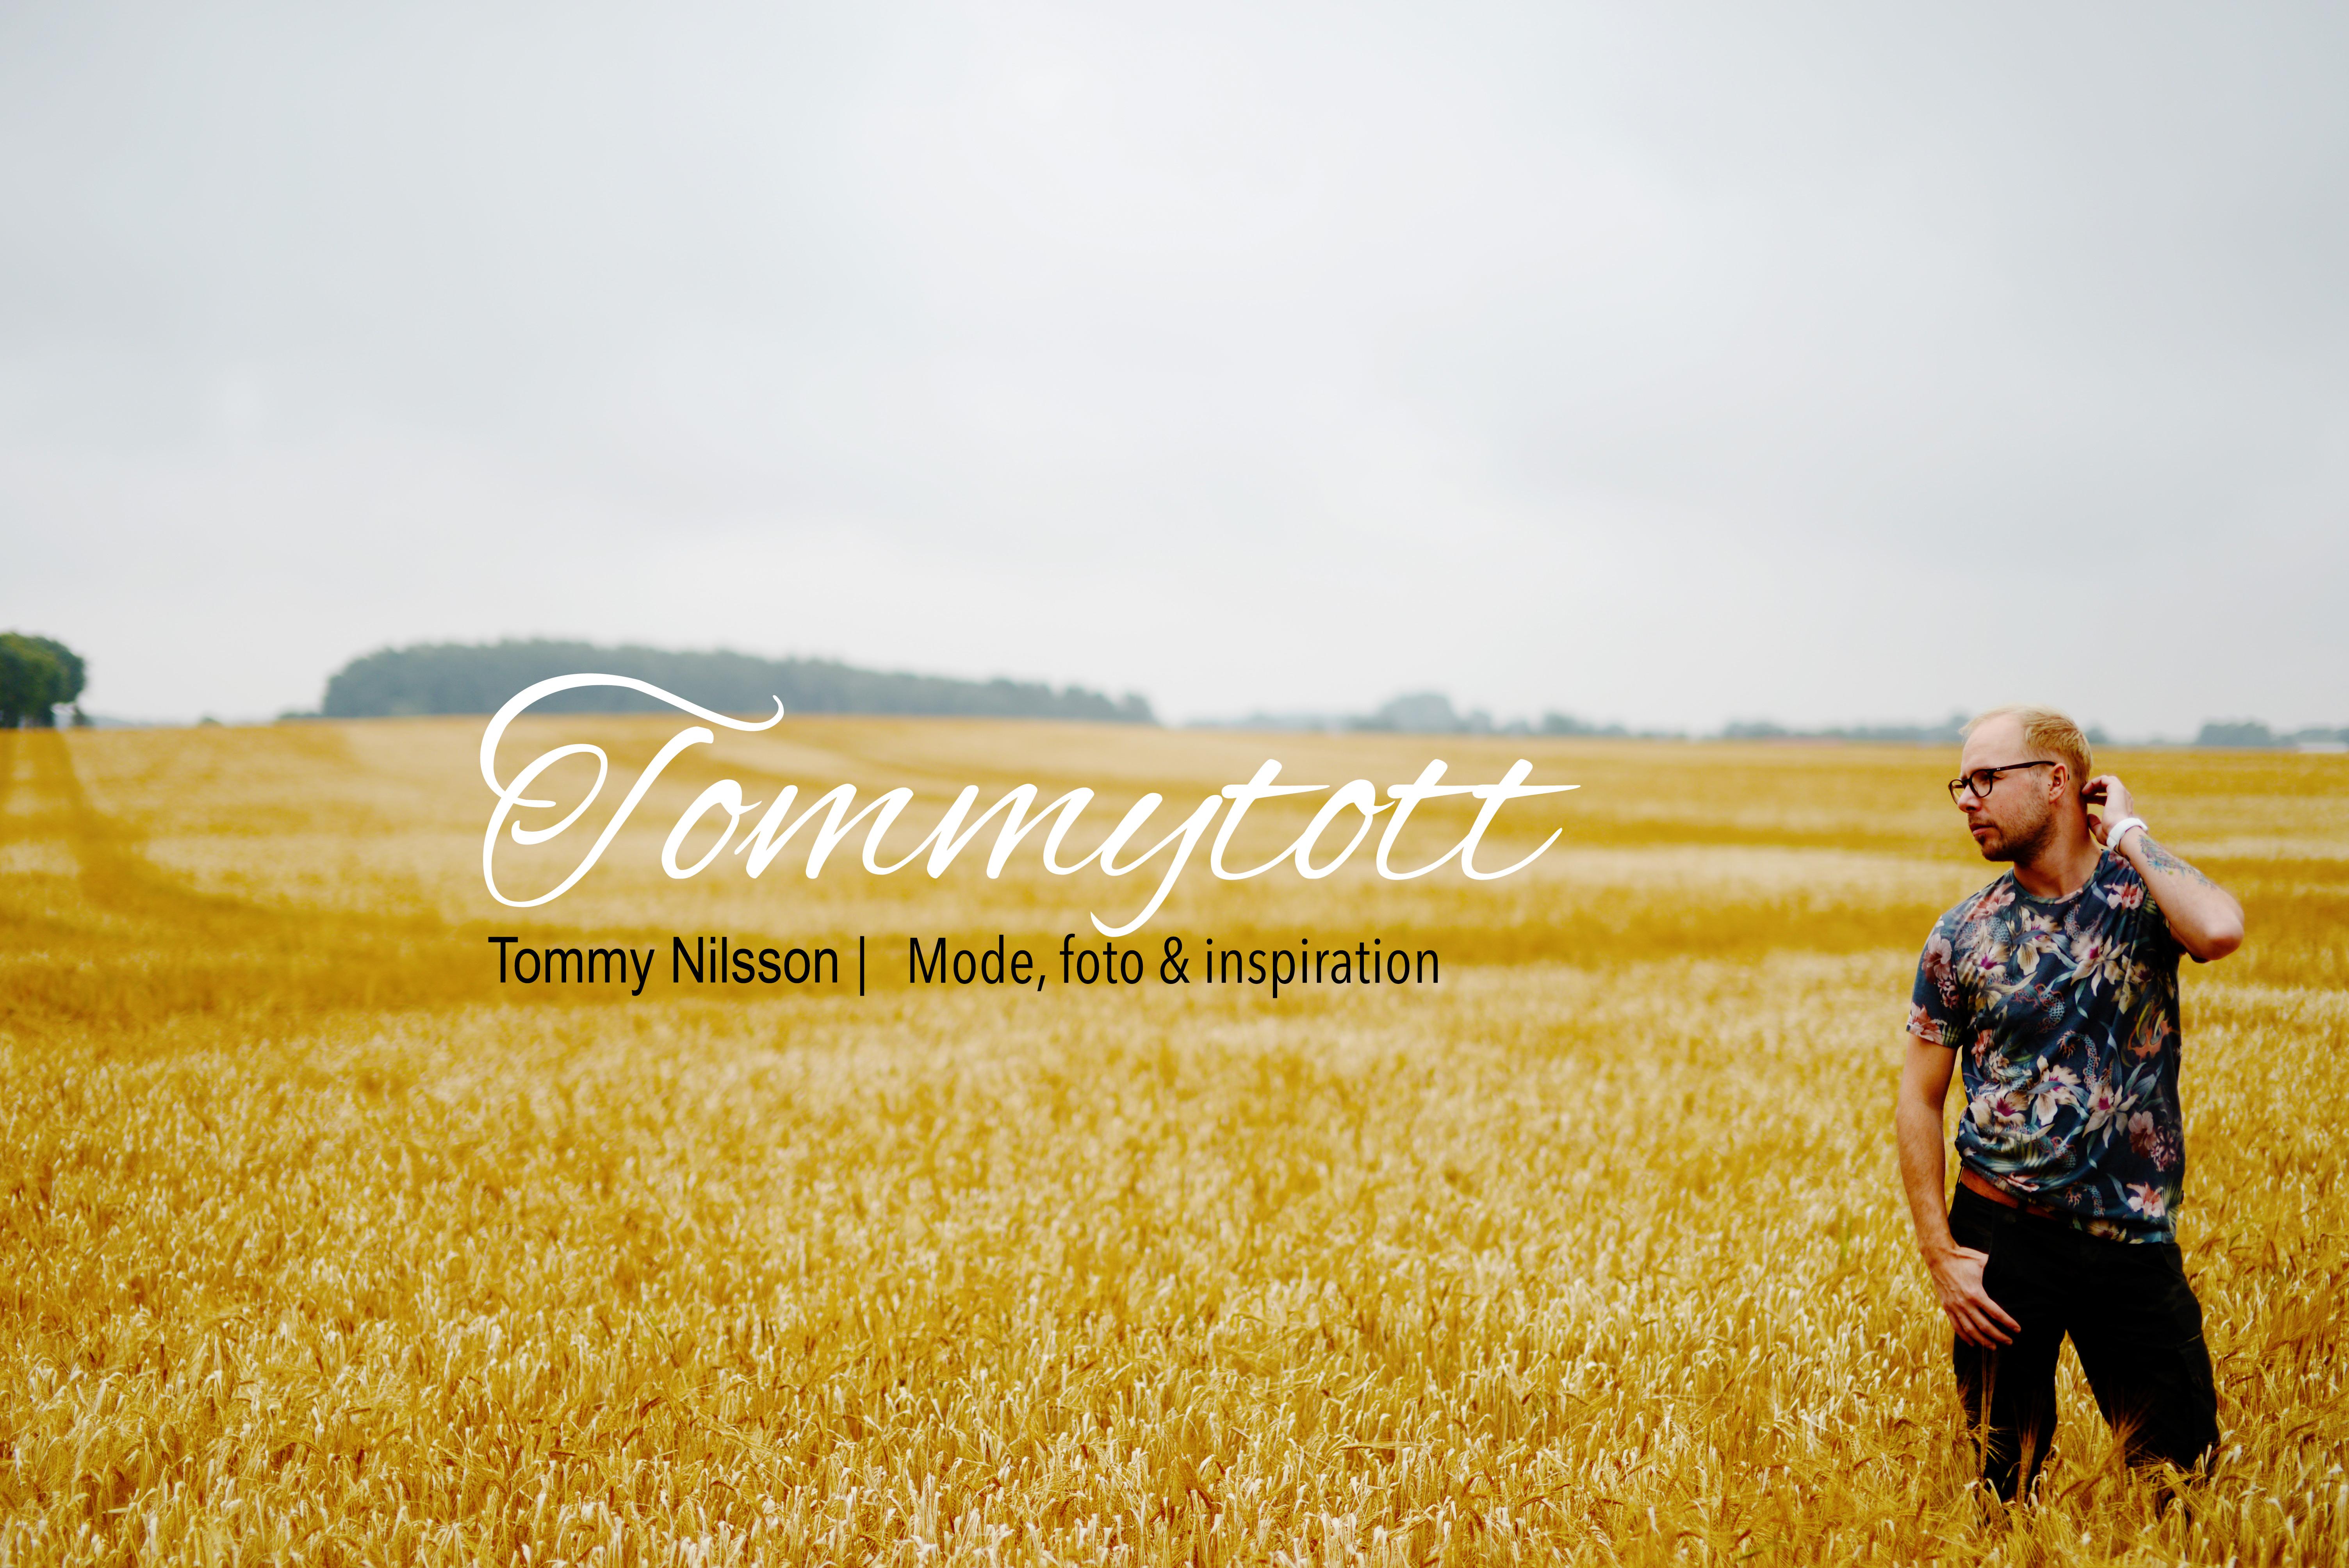 Tommytott – En livstilsblogg om livet som öppethomosexuell , mode och fotografering